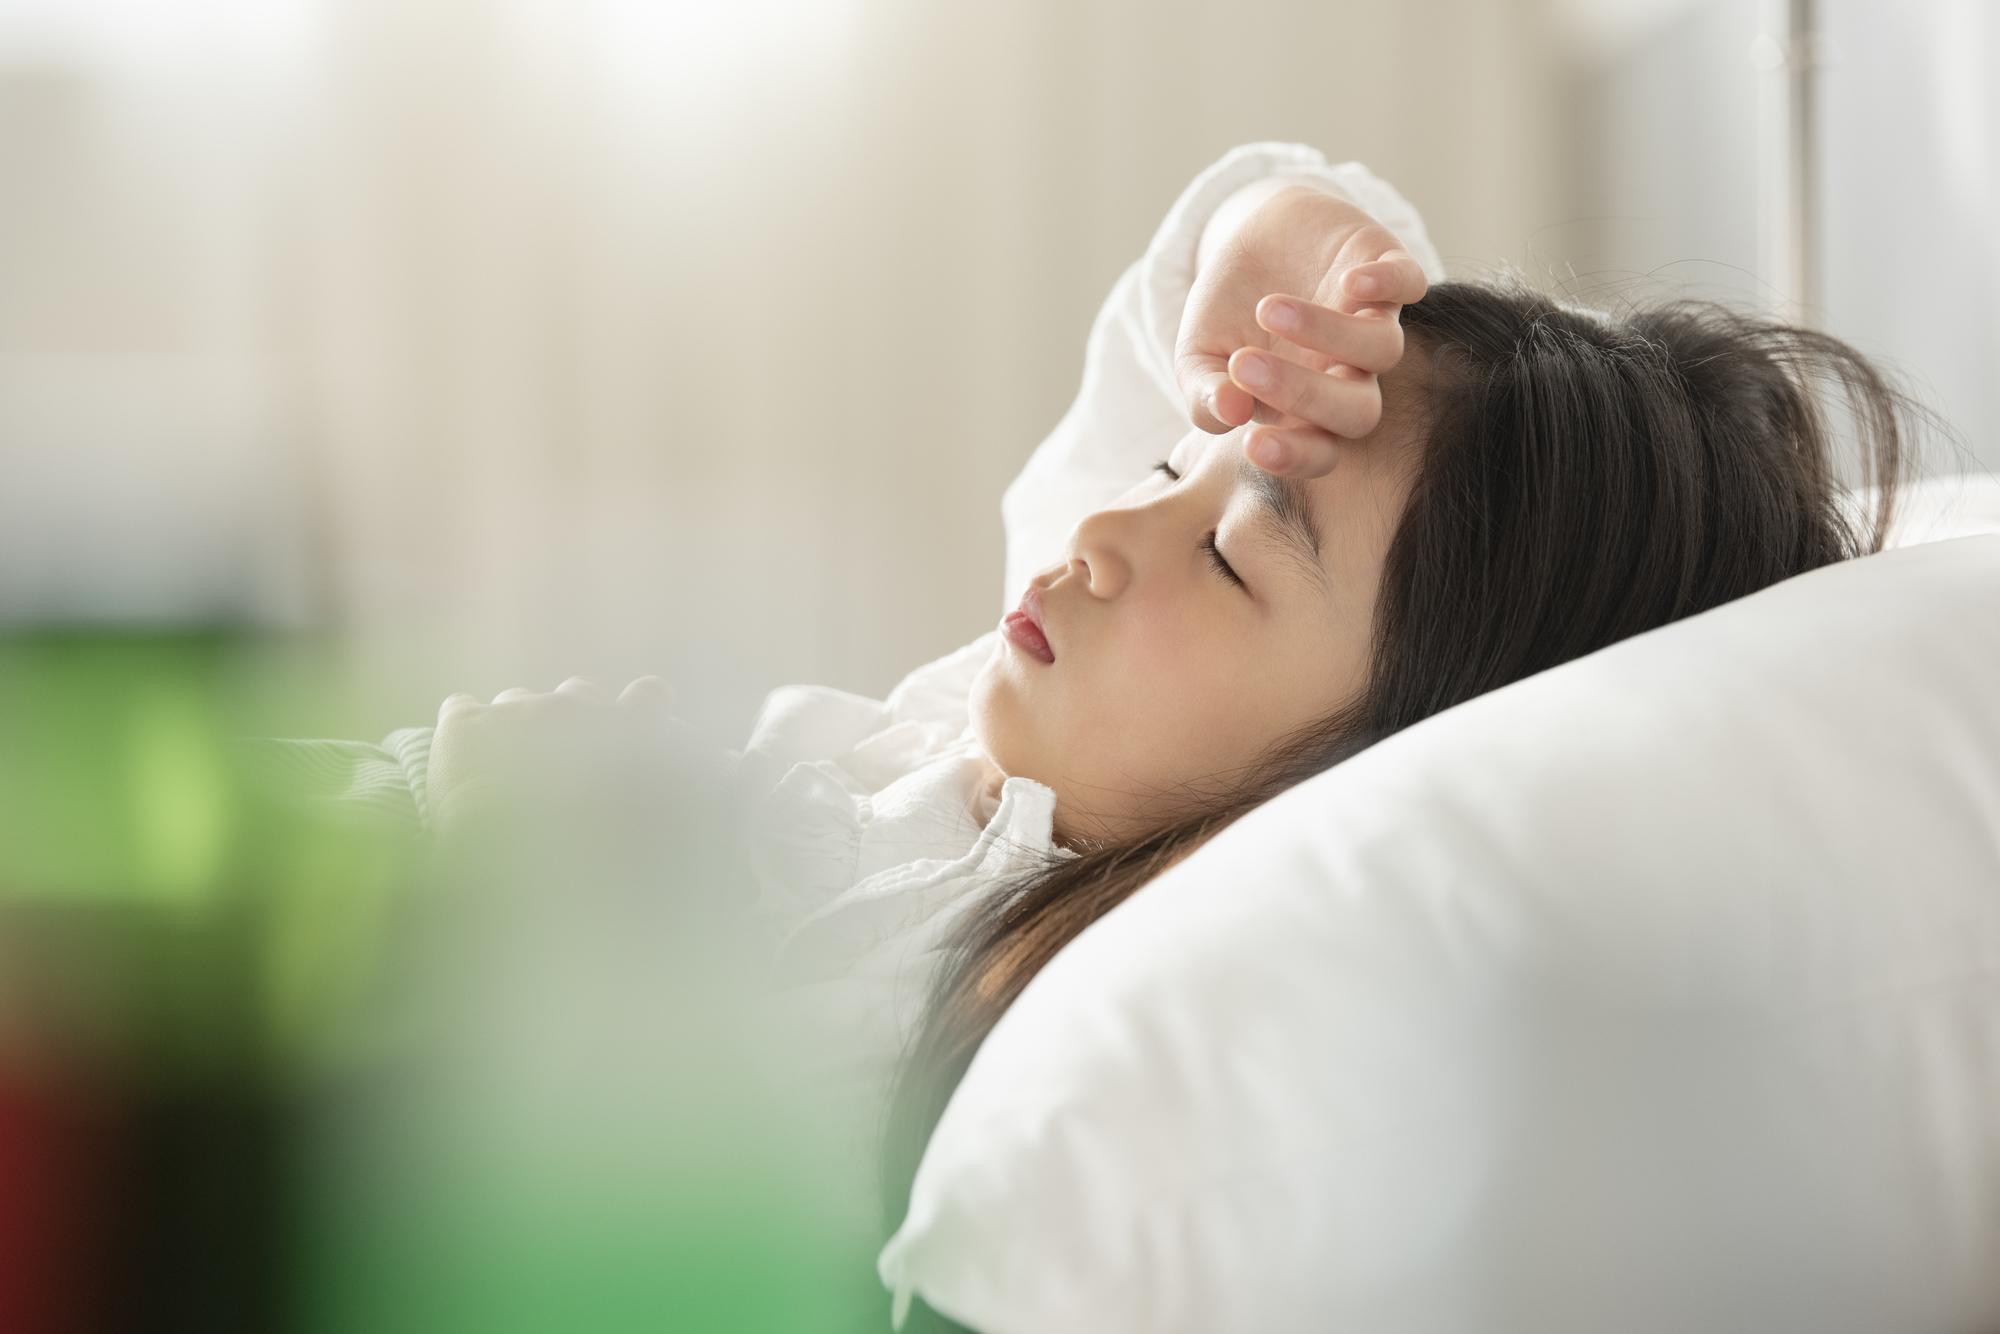 熱あり!子どもの頭痛の対処法「髄膜炎・脳炎」に注意!吐き気や目や首の痛みも